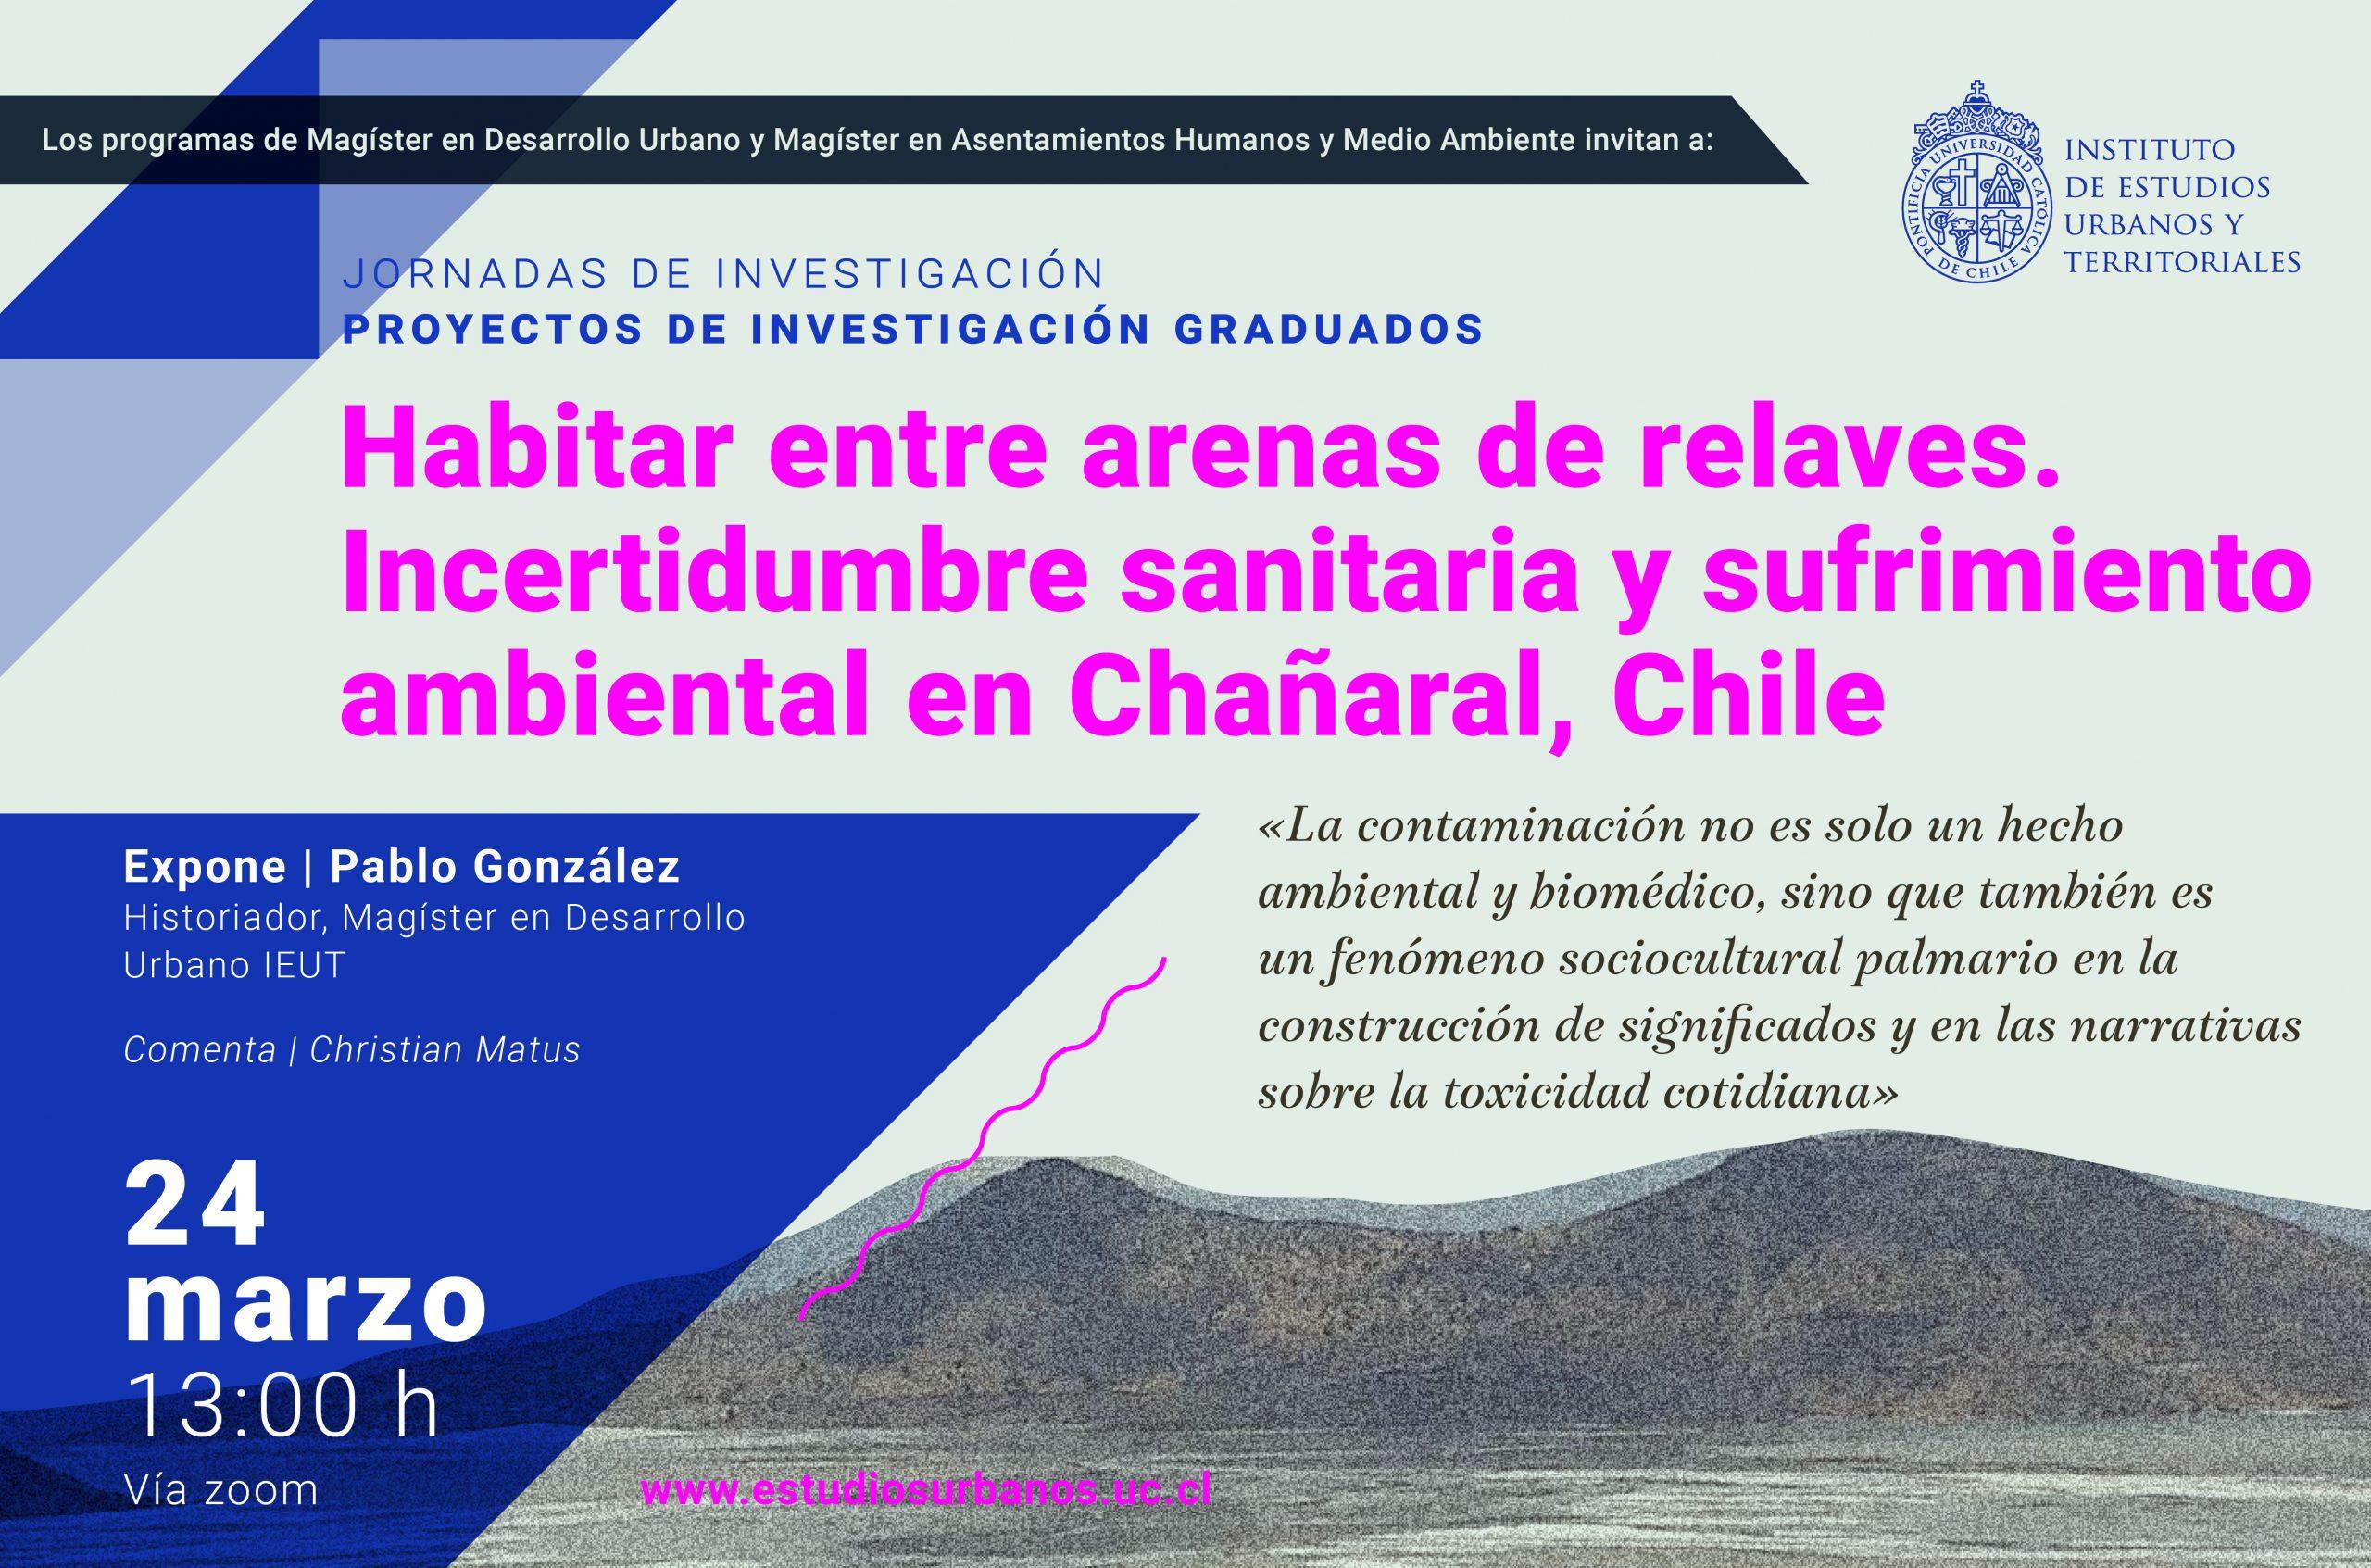 Habitar entre arenas de relaves. Incertidumbre sanitaria y sufrimiento ambiental en Chañaral, Chile. | Pablo González.